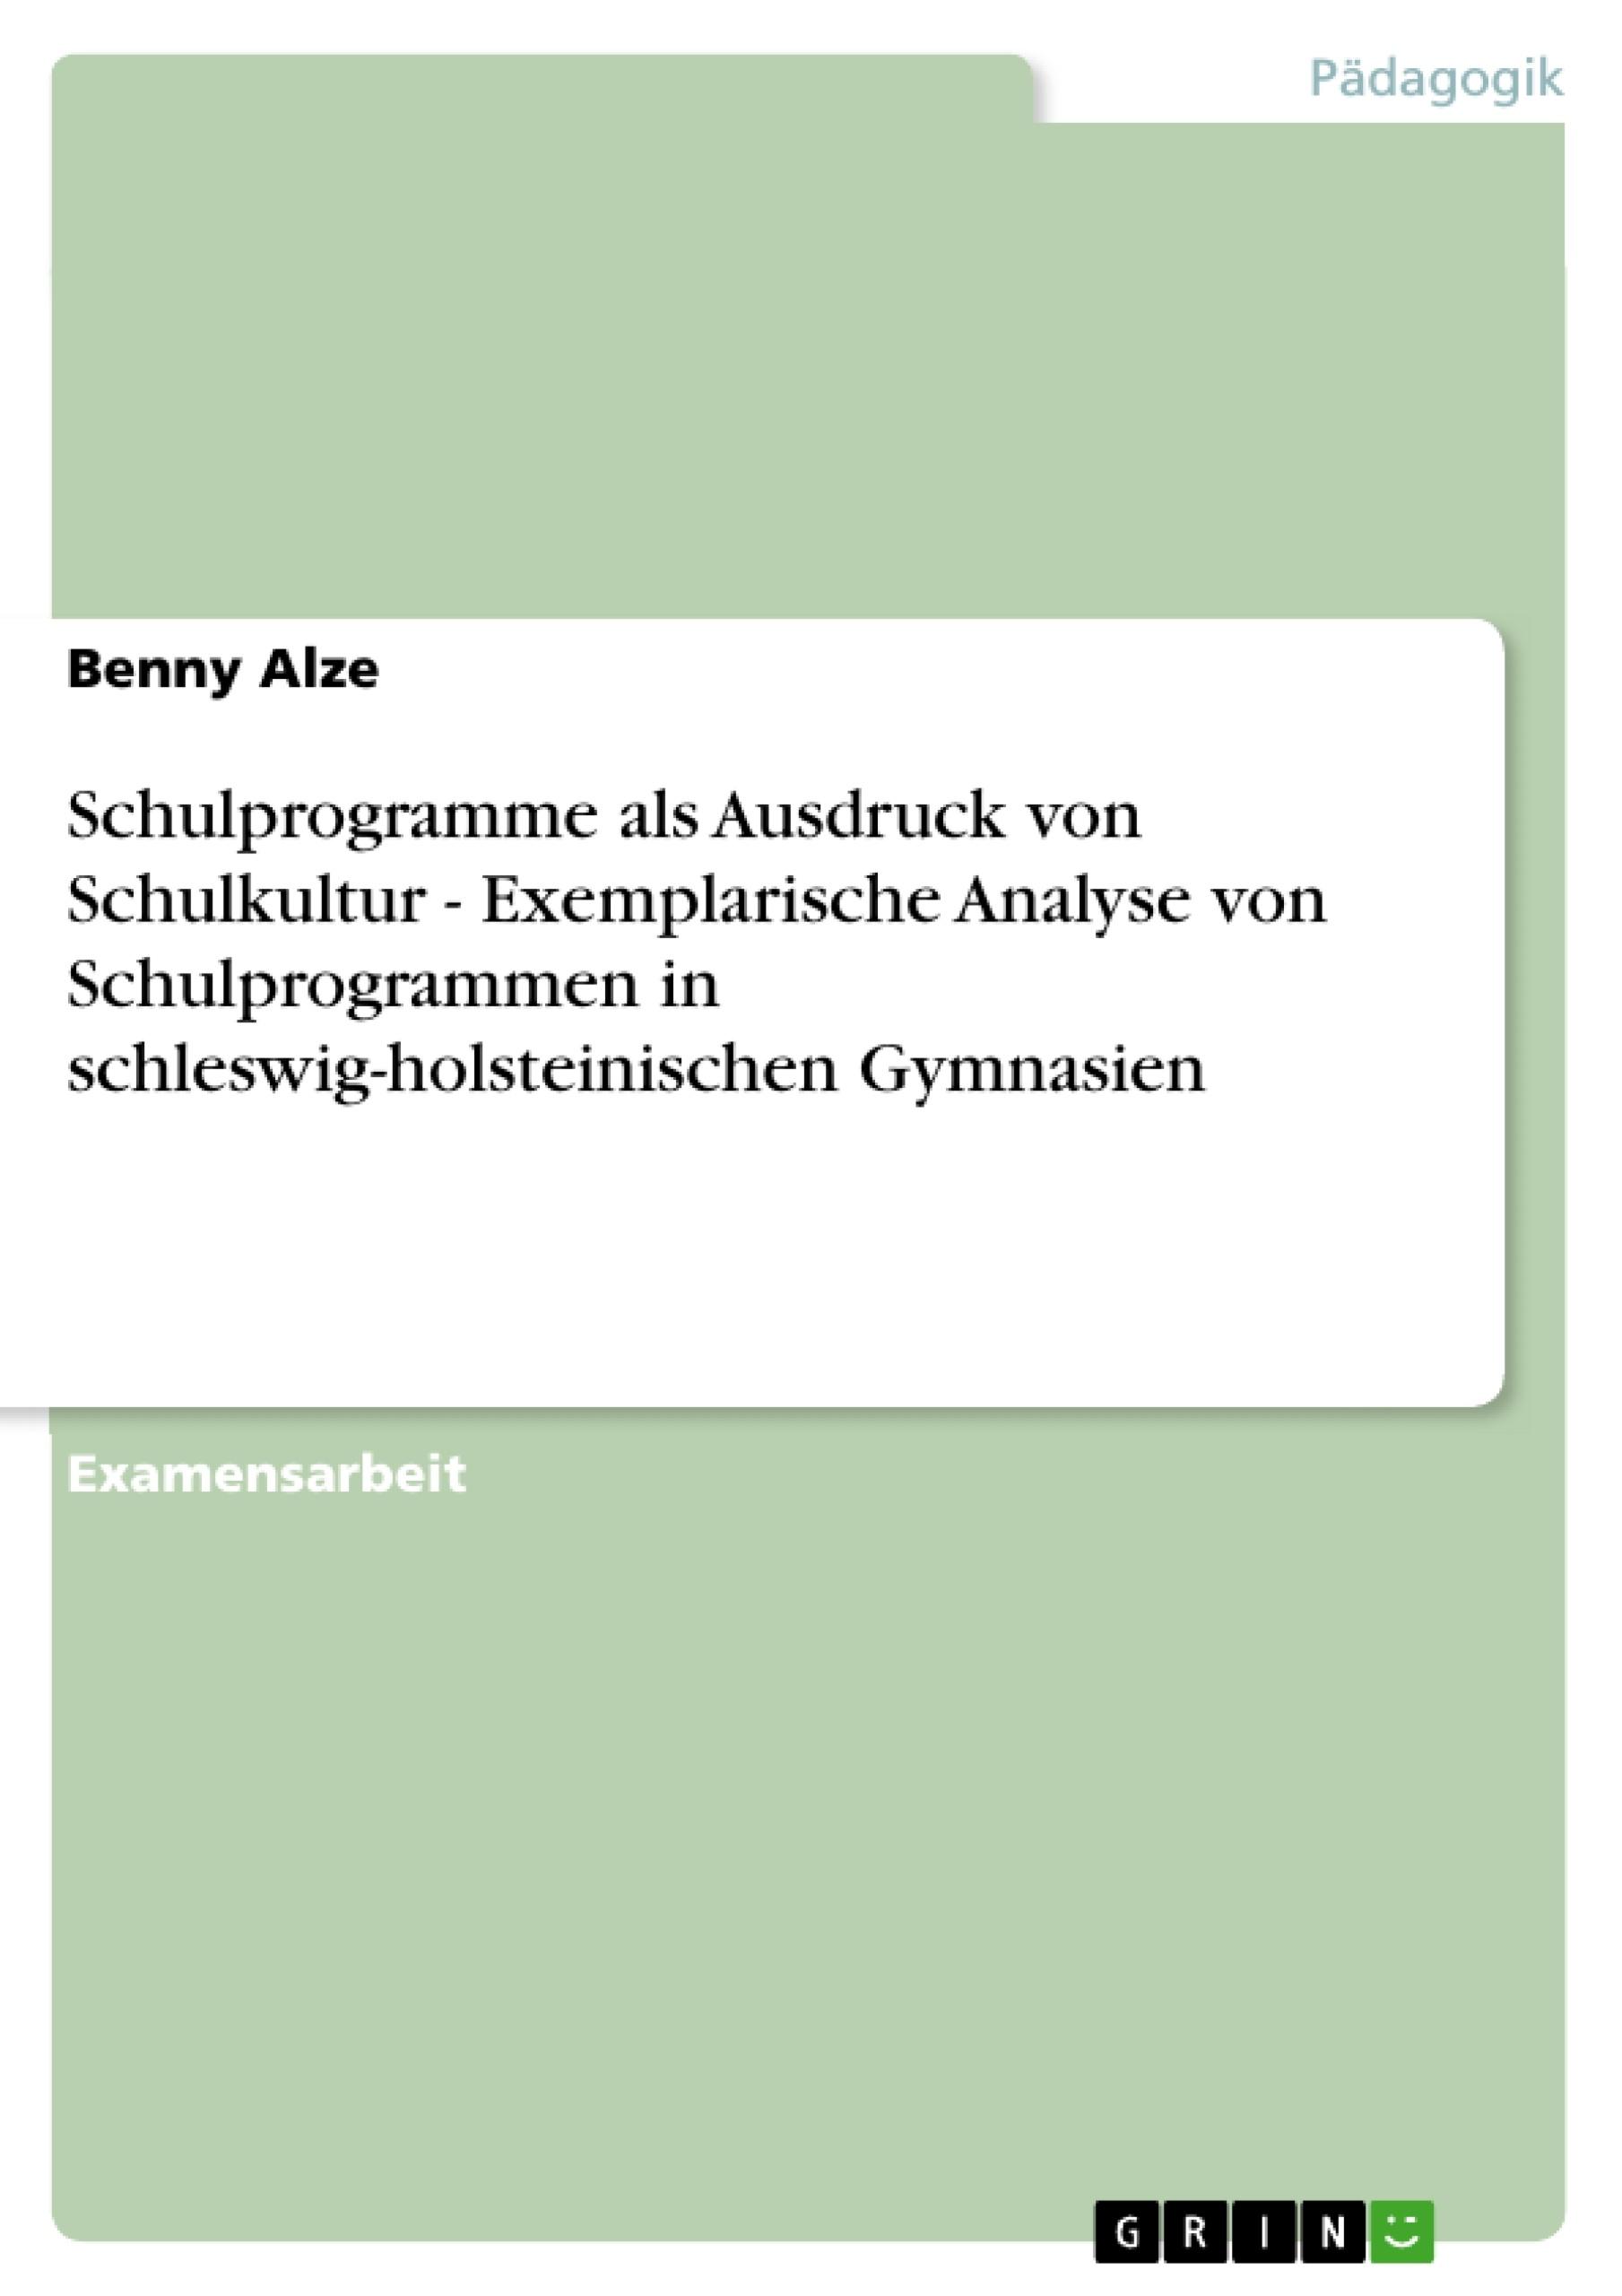 Titel: Schulprogramme als Ausdruck von Schulkultur - Exemplarische Analyse von Schulprogrammen in schleswig-holsteinischen Gymnasien